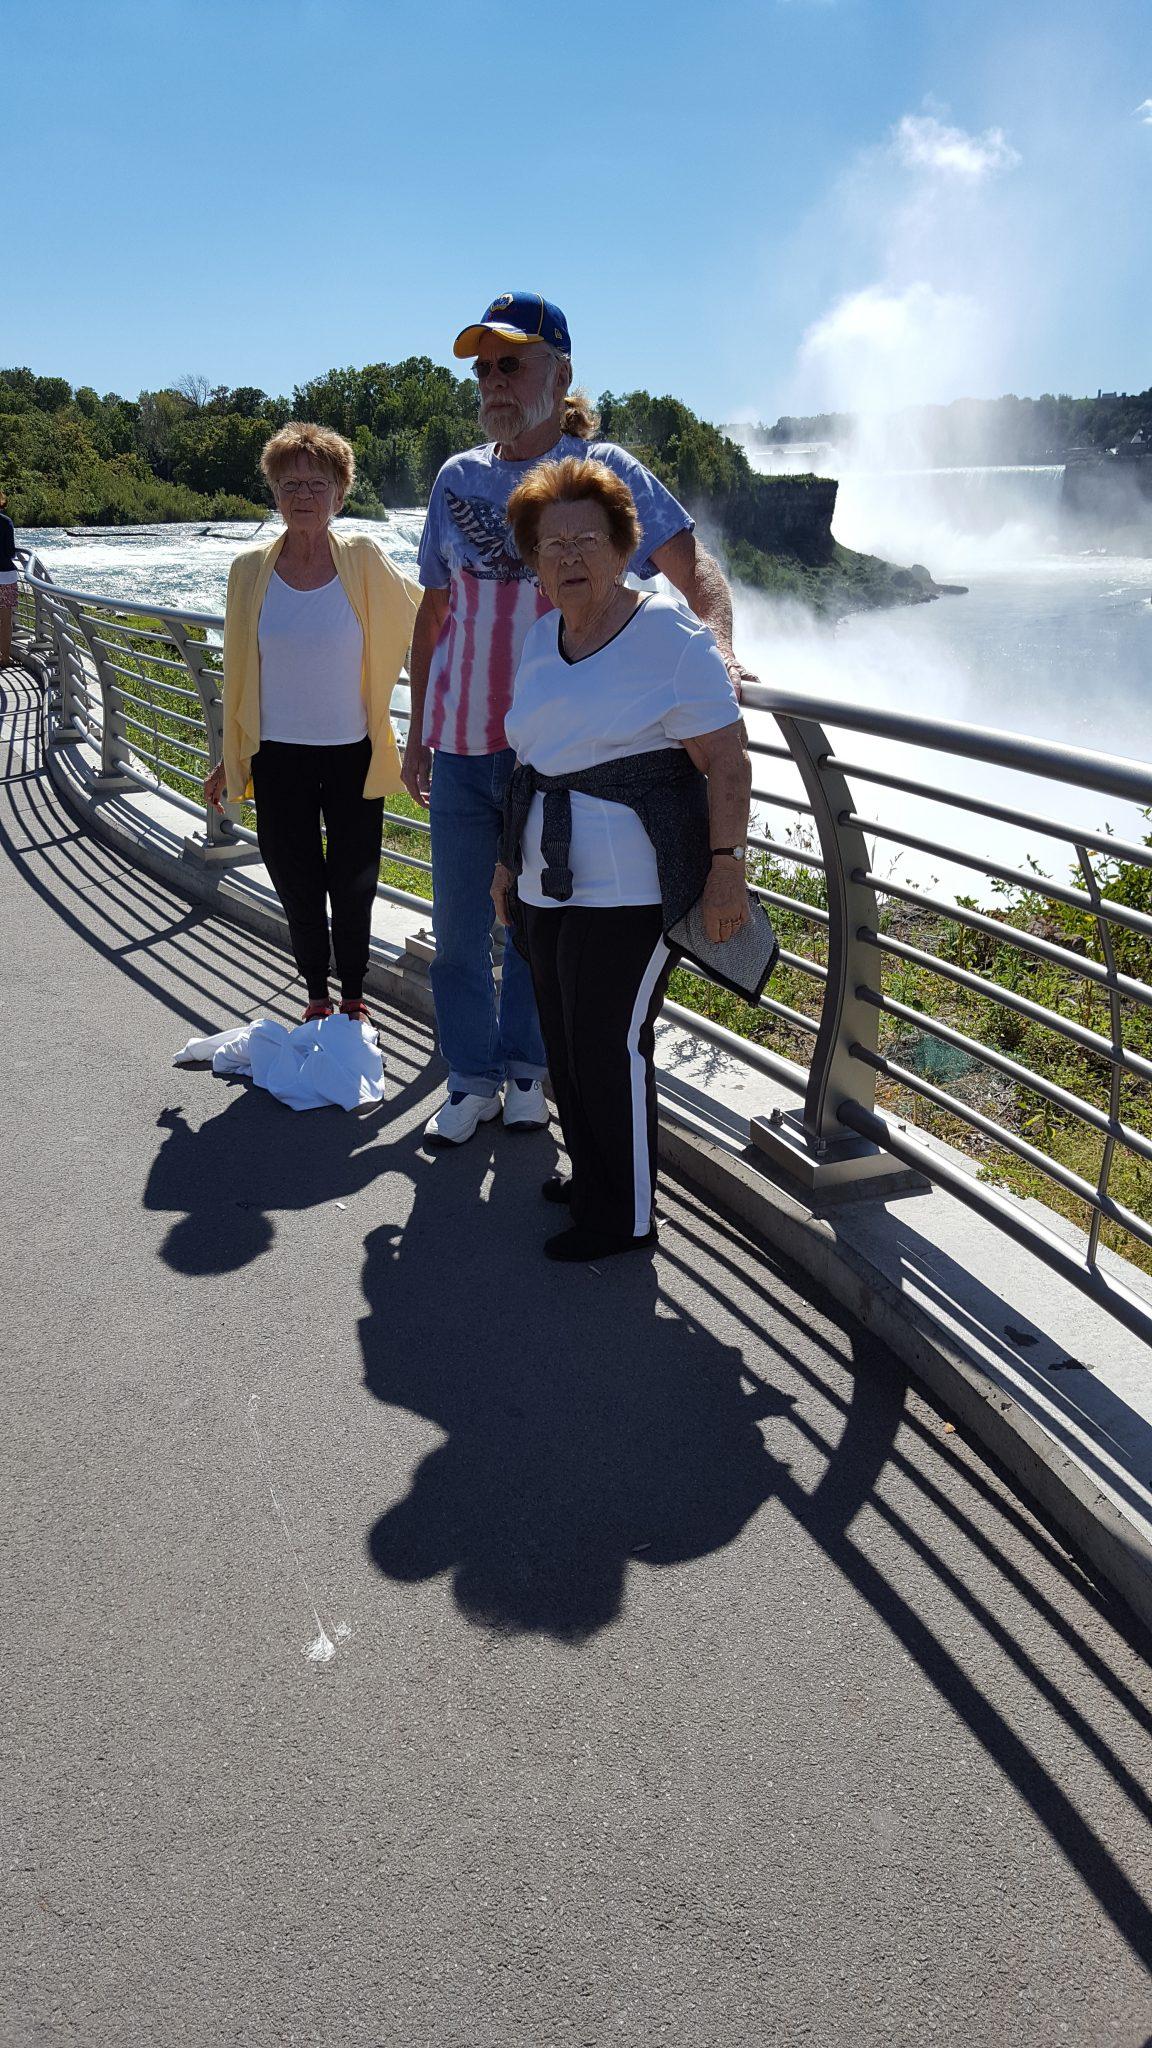 2016 Niagara Falls Vacation